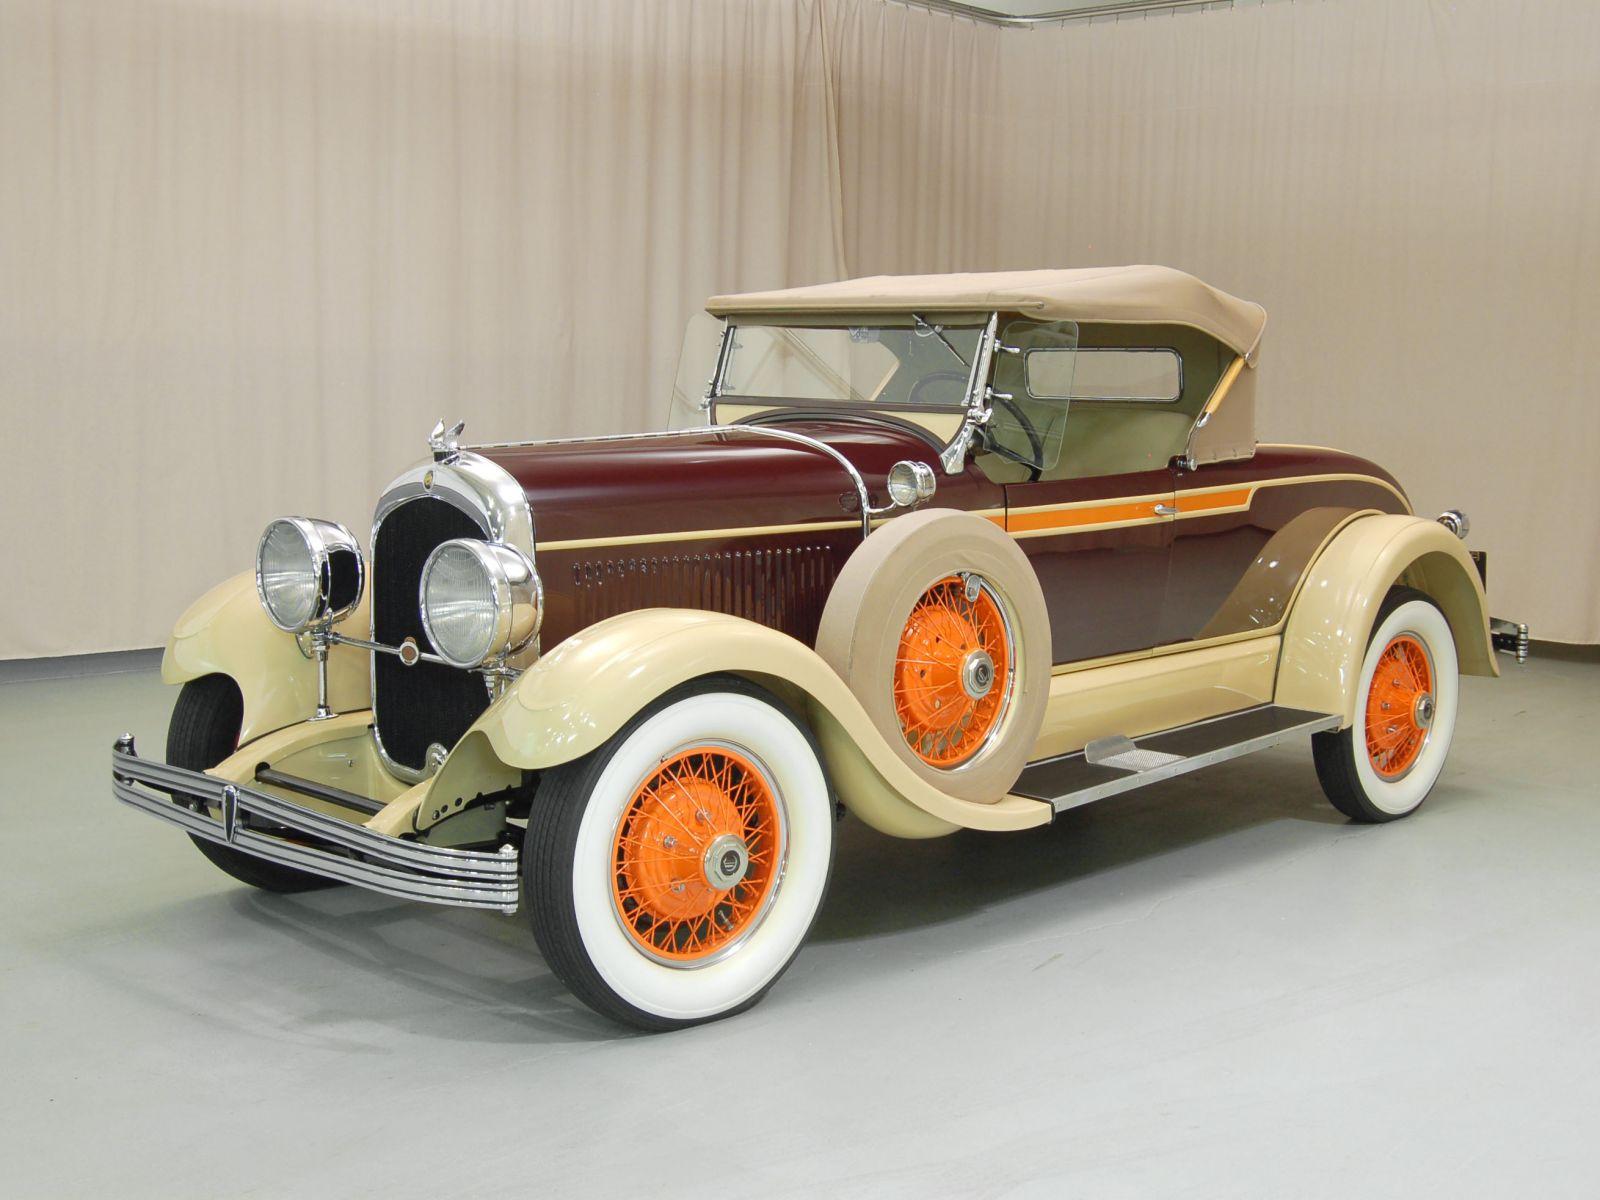 1928 Chrysler Series 72 Roadster